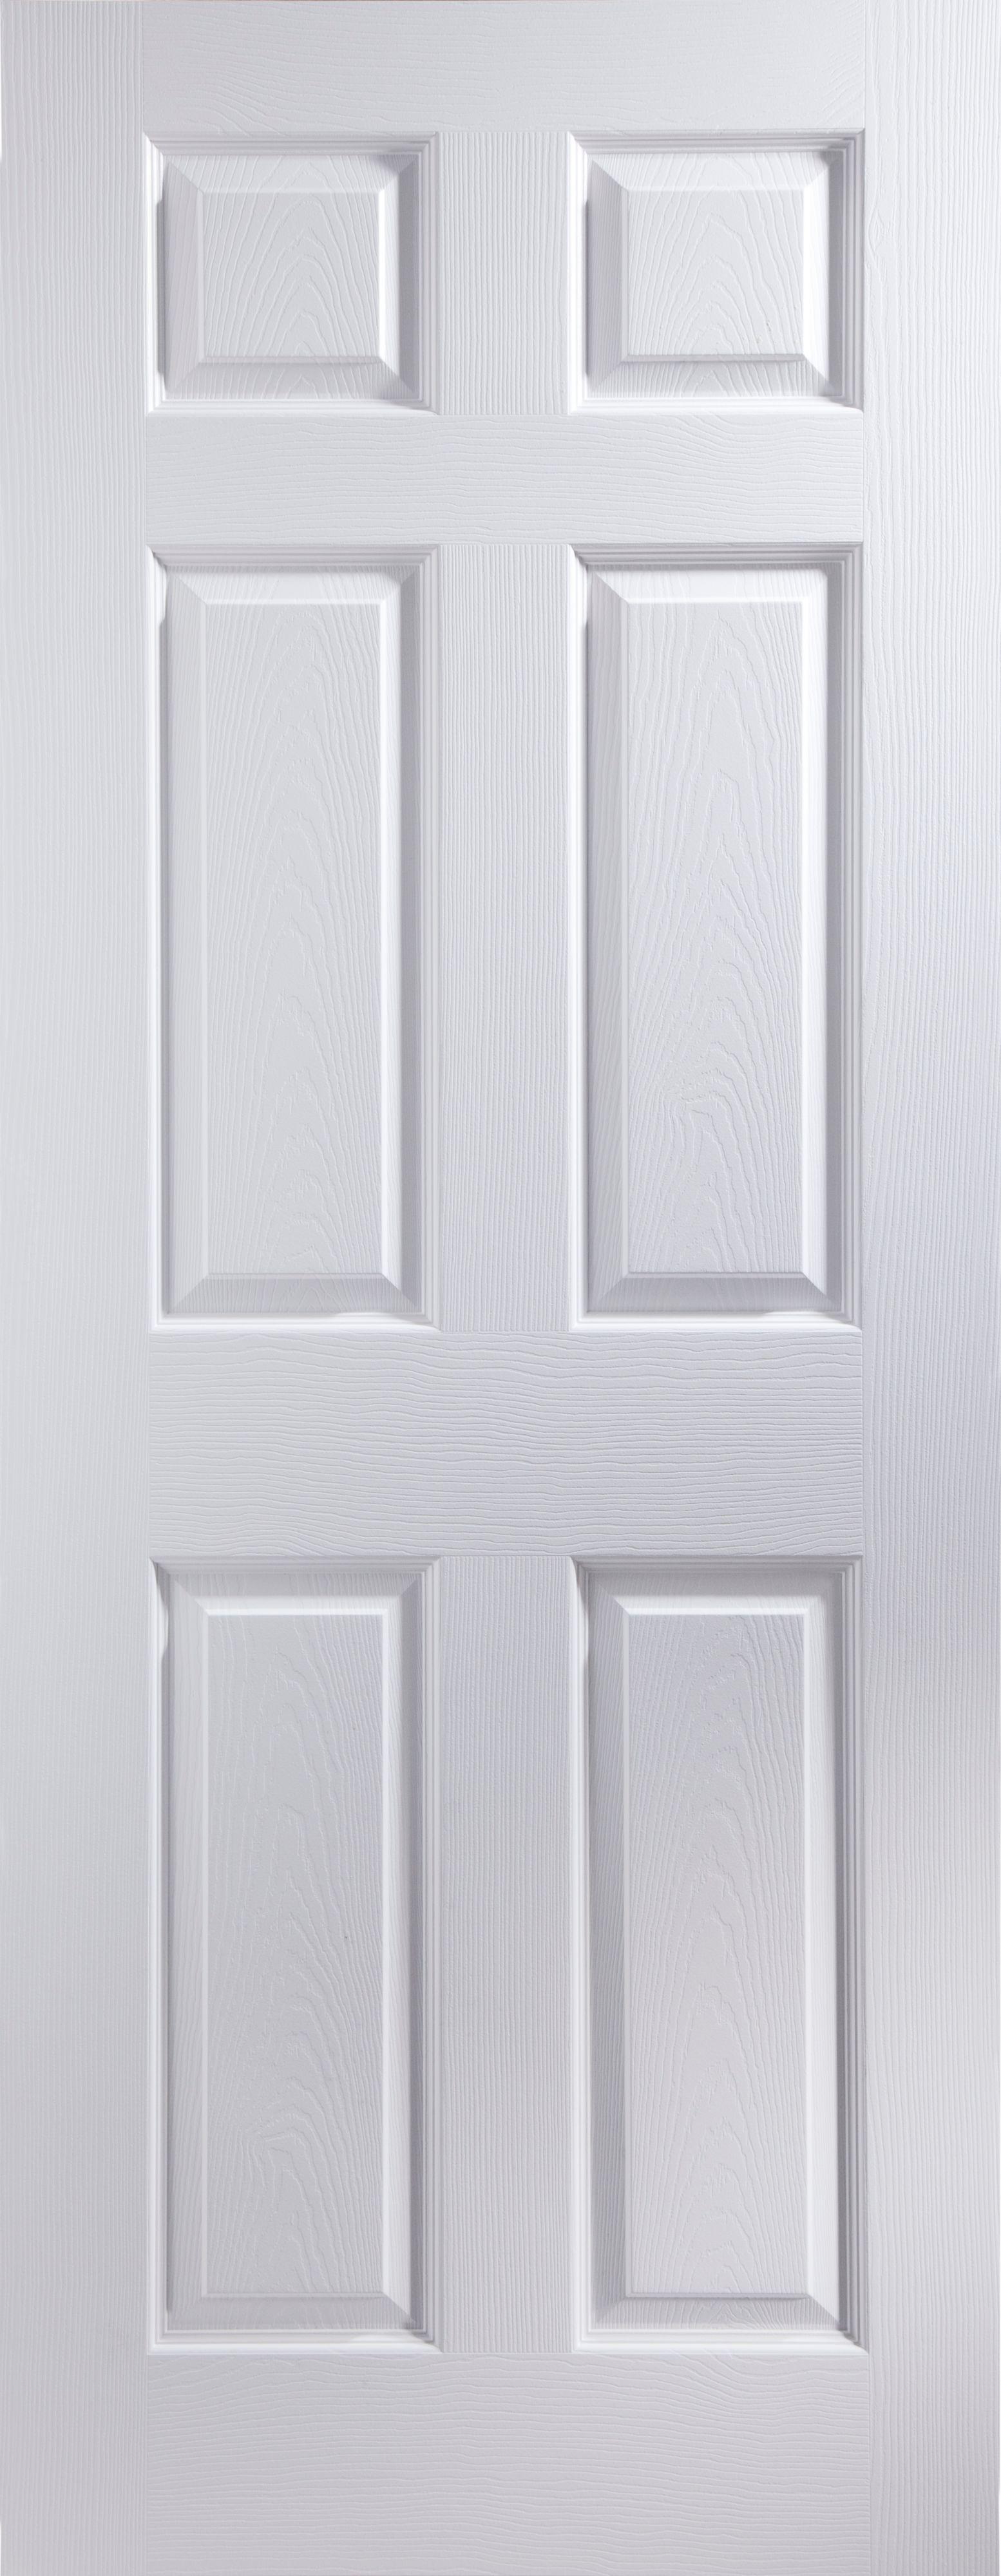 6 Panel Pre Painted White Woodgrain Internal Door H 1981